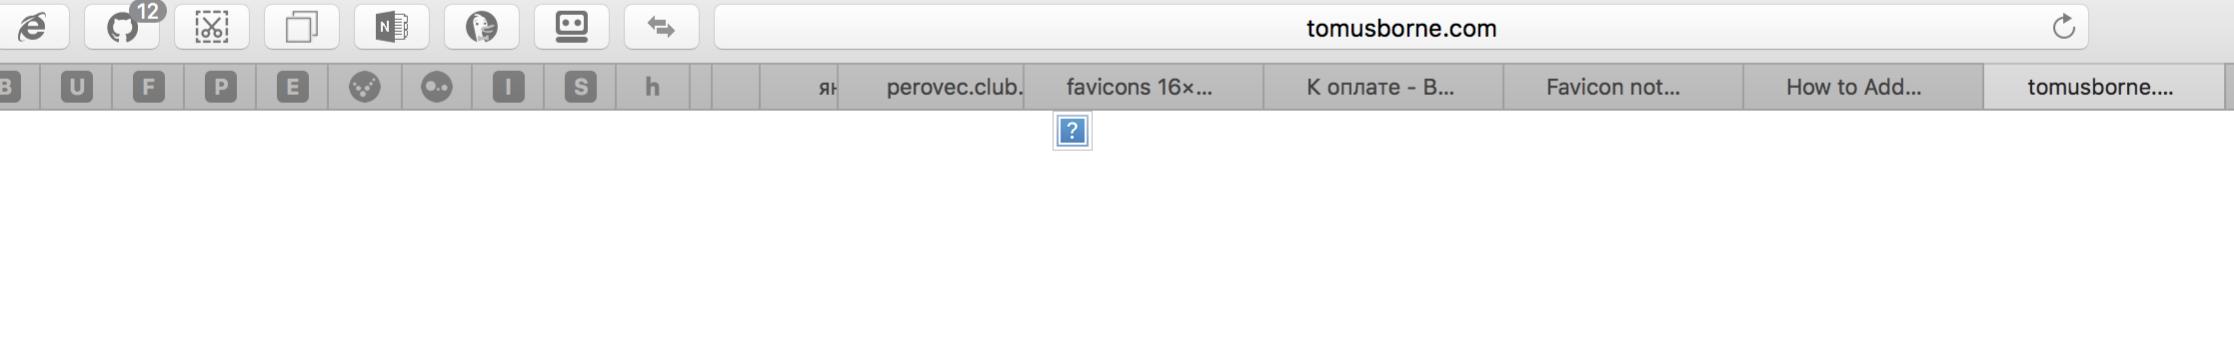 favicon with errors